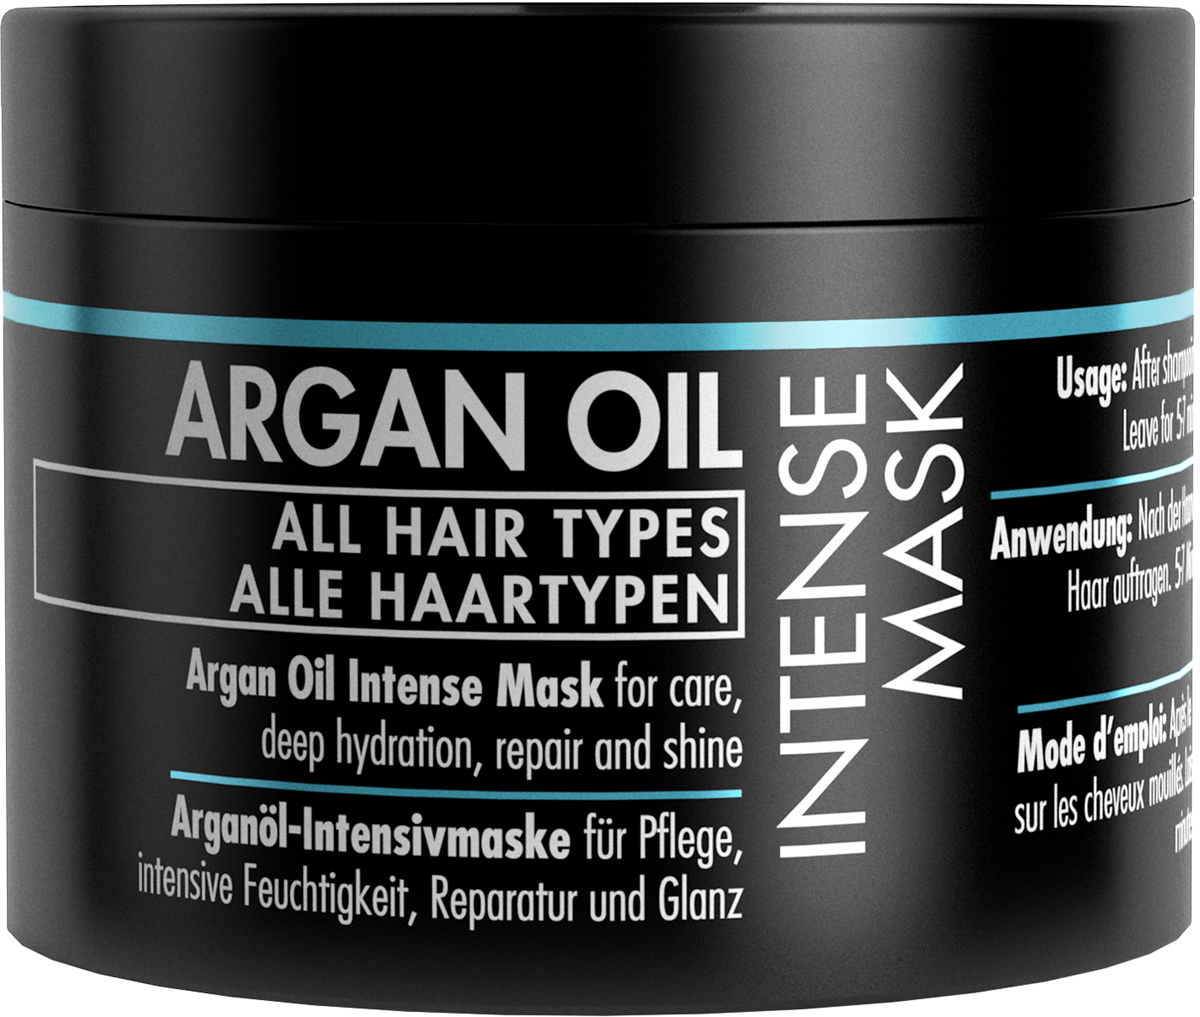 Gosh Маска для волос с аргановым маслом Argan Oil, 175 мл gosh go025lwvio01 gosh